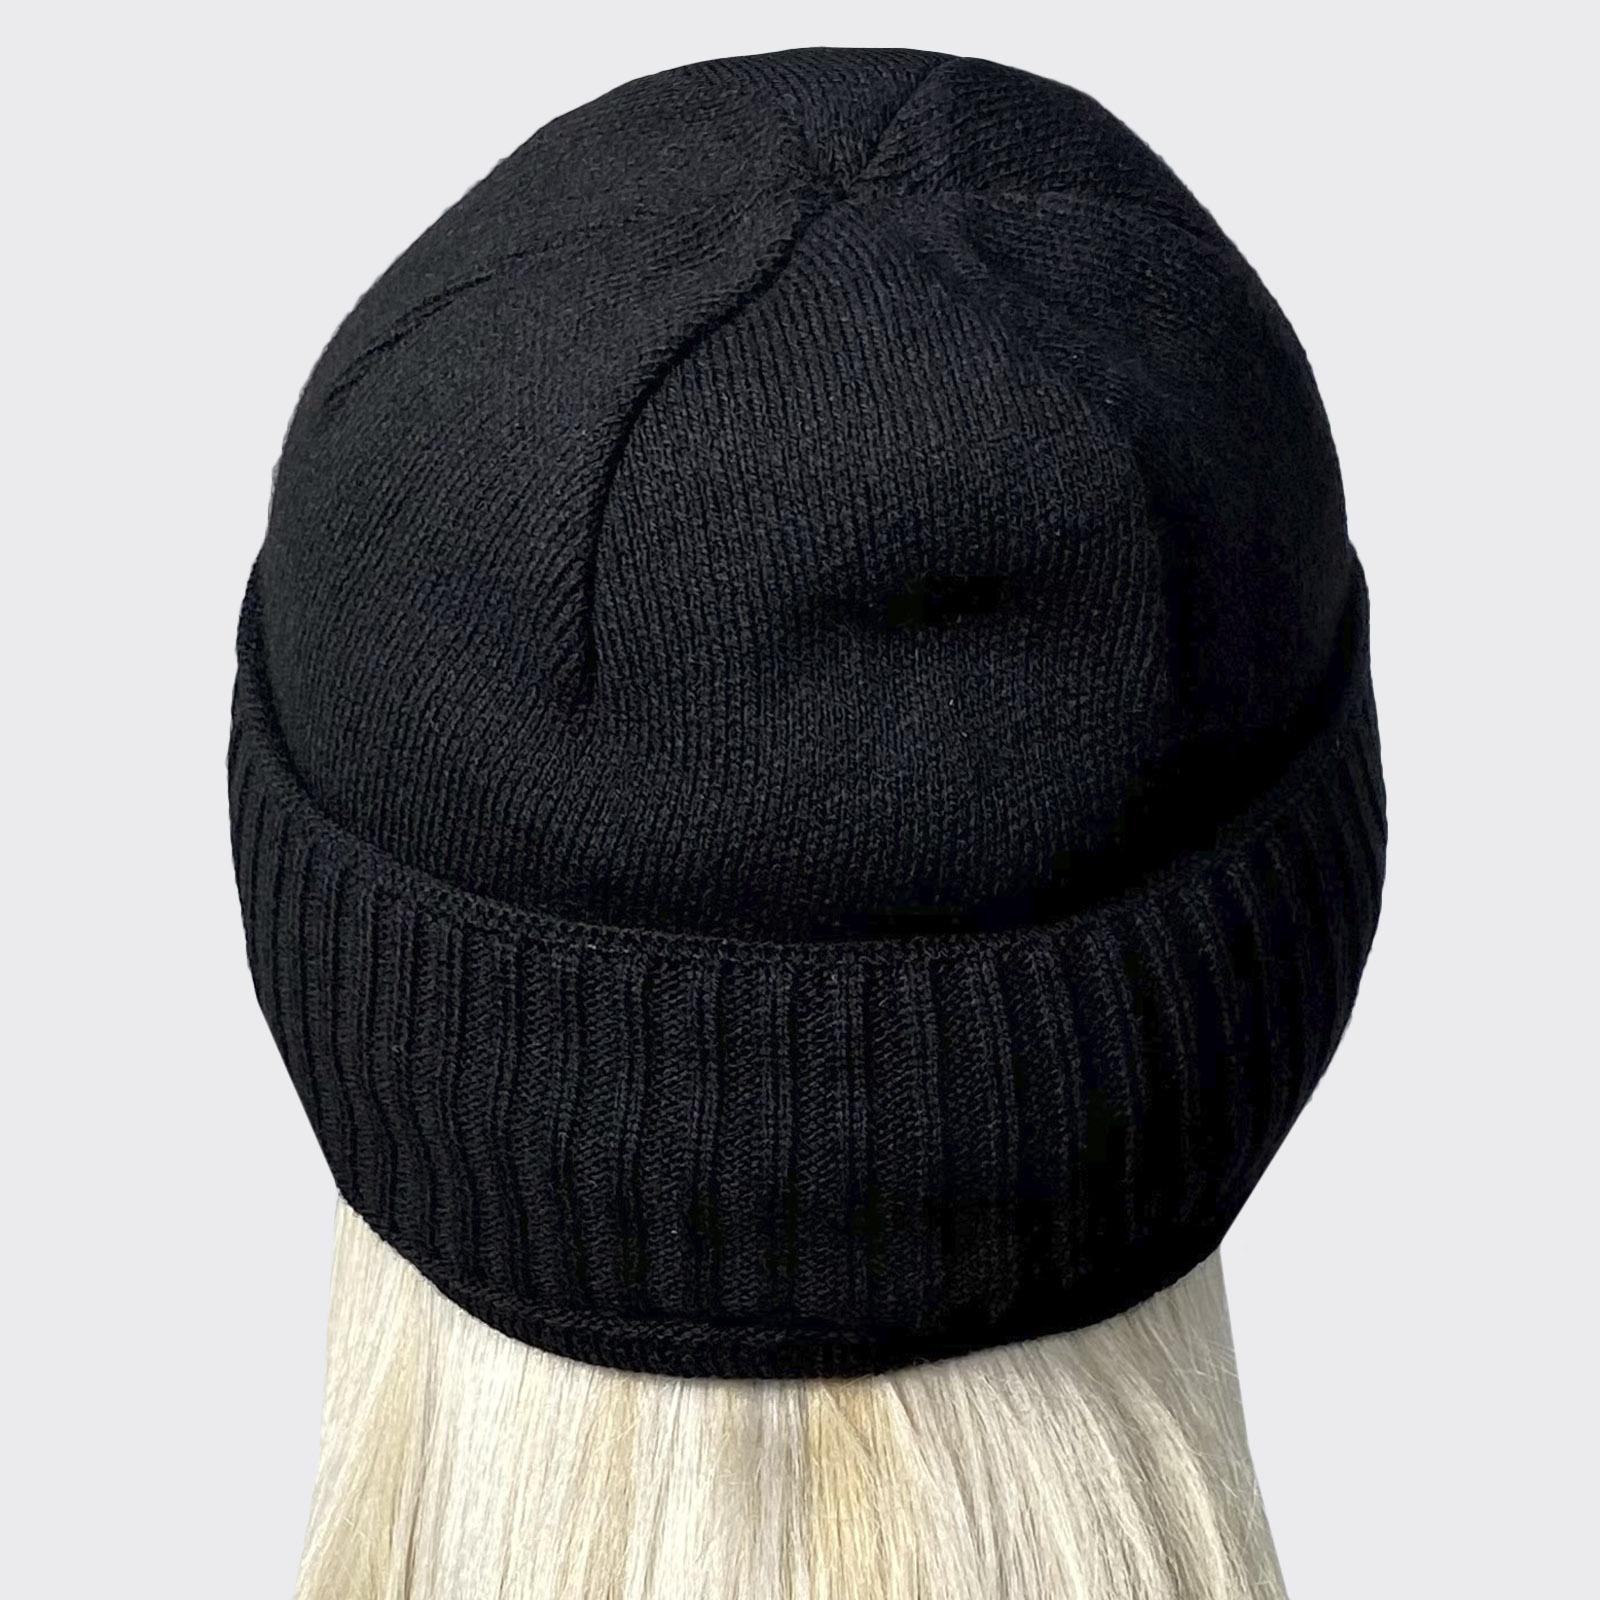 Вязанная шапка с нашивкой МЧС России - недорого с доставкой